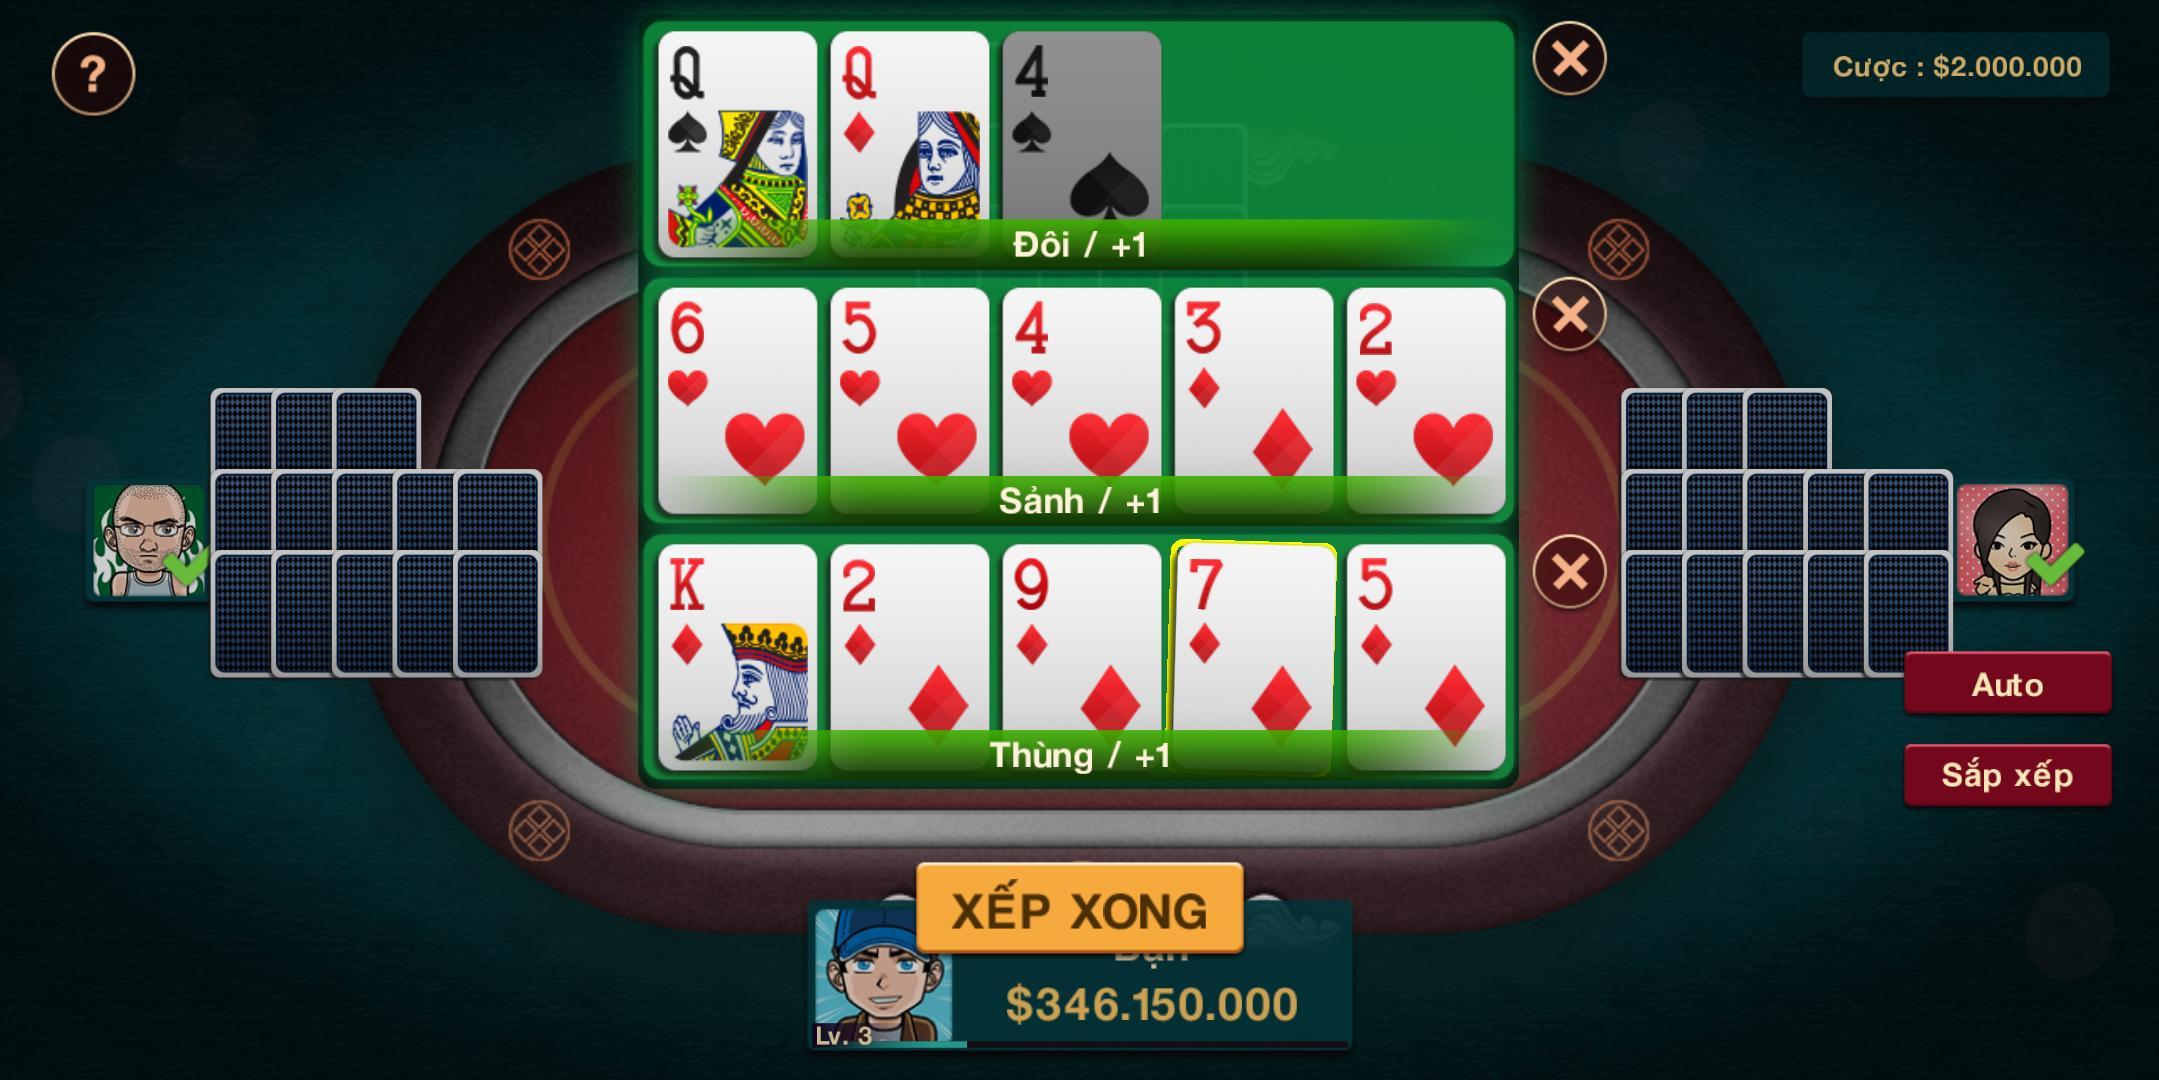 Mậu Binh - Binh Xập Xám 1.4.6 Screenshot 5